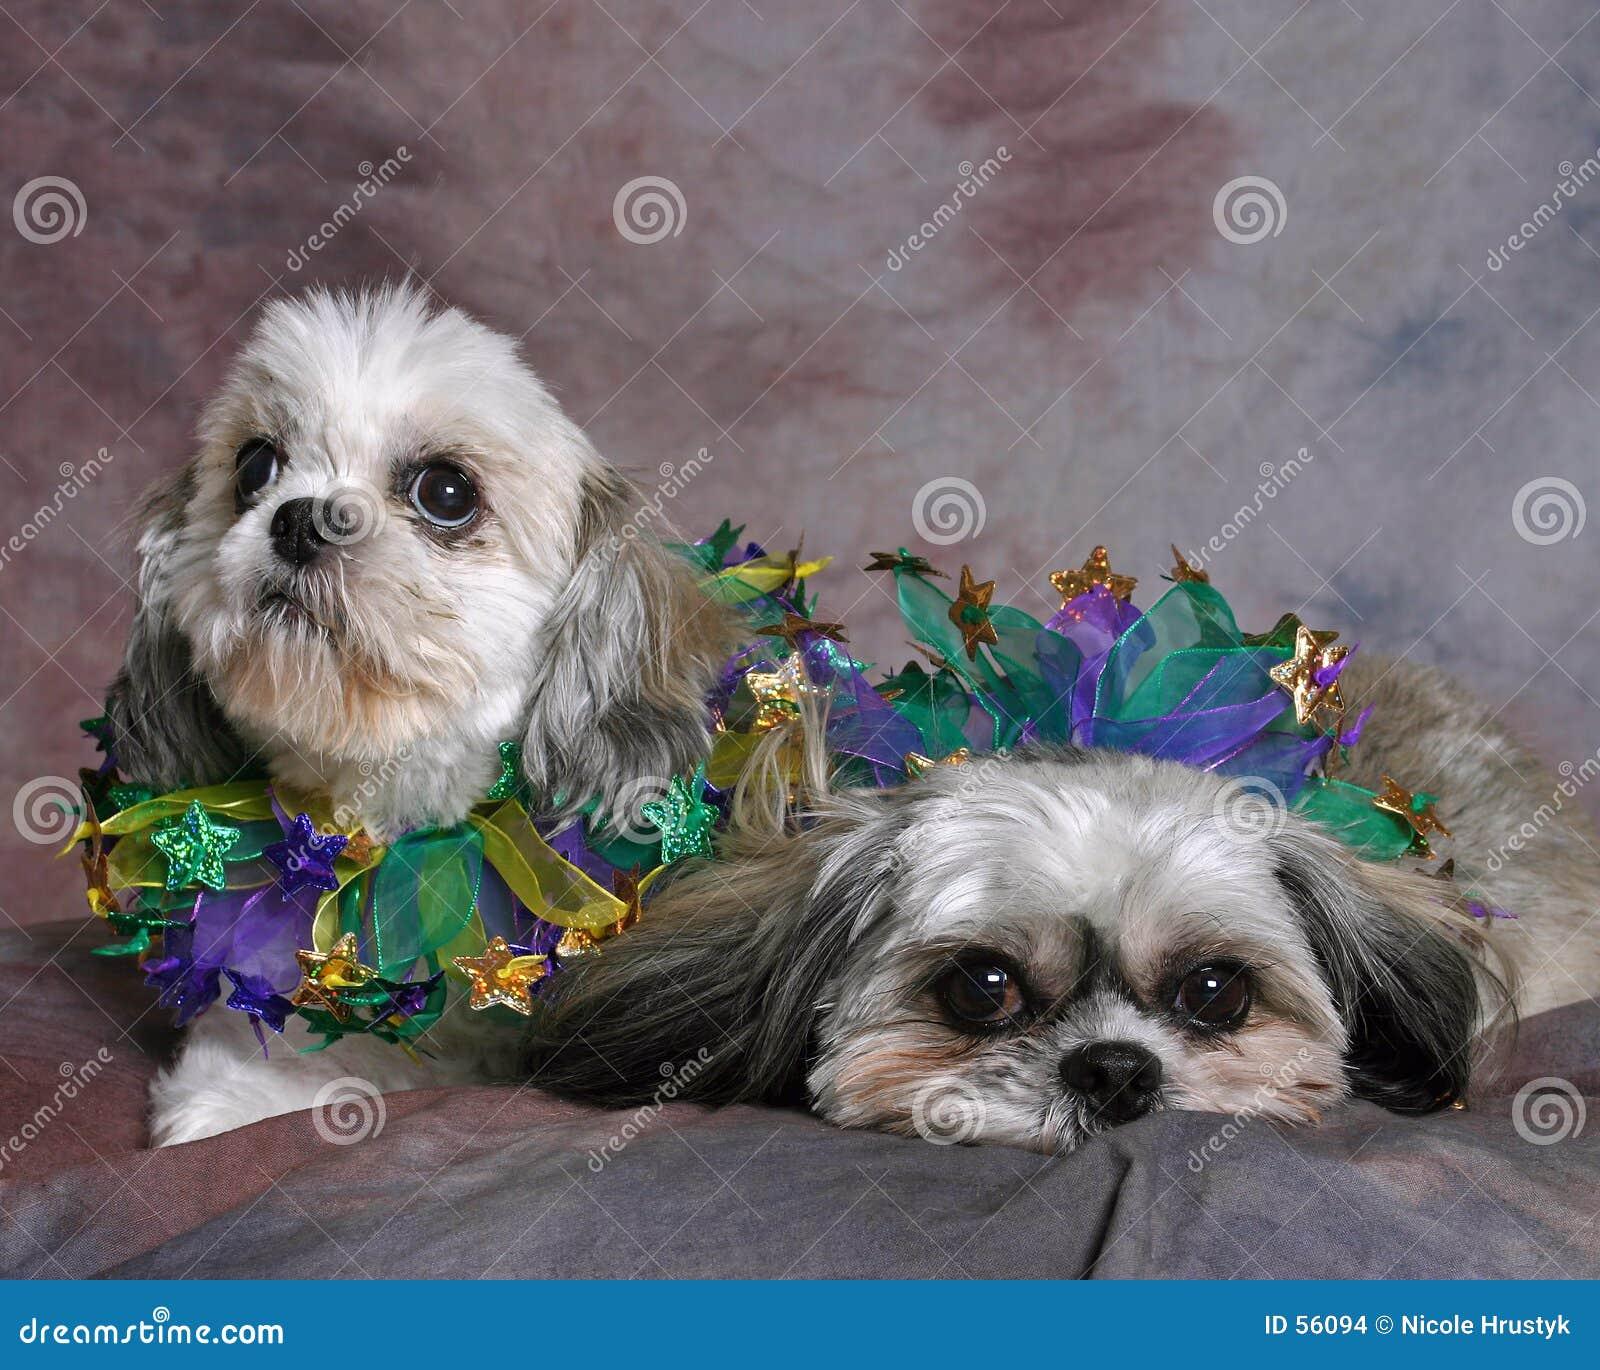 Two Shi Tzu Dogs